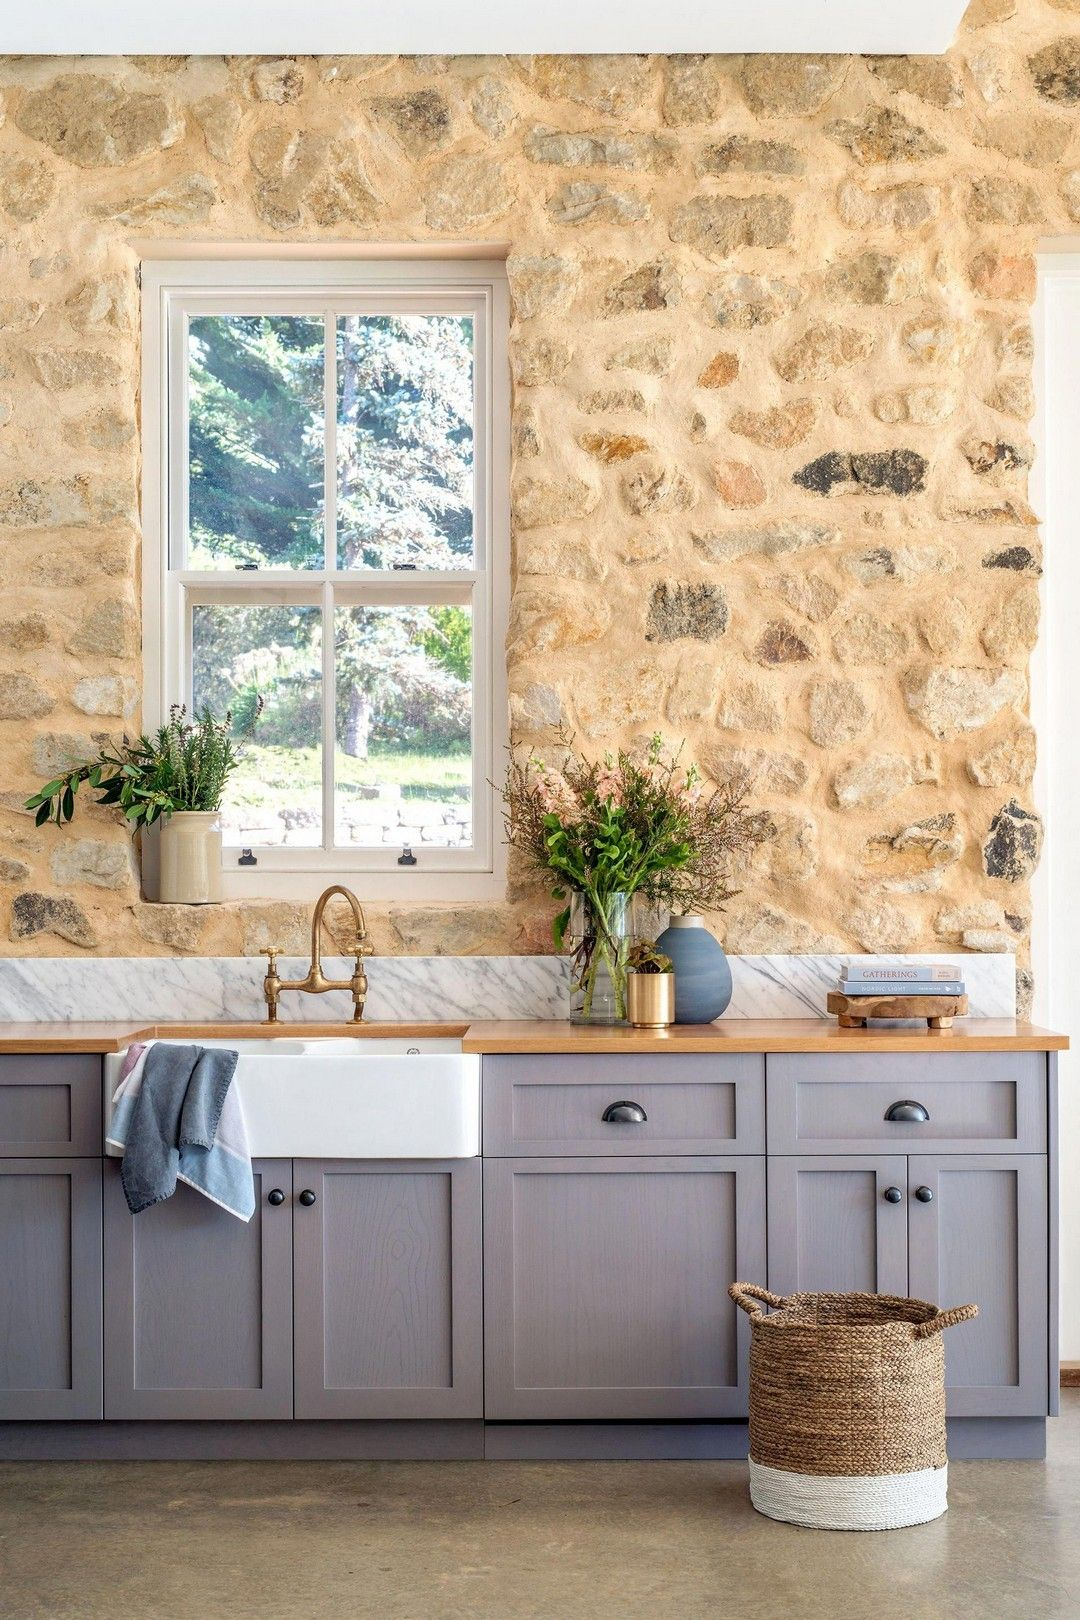 30 Oak Hills Kitchen Remodel in 2020